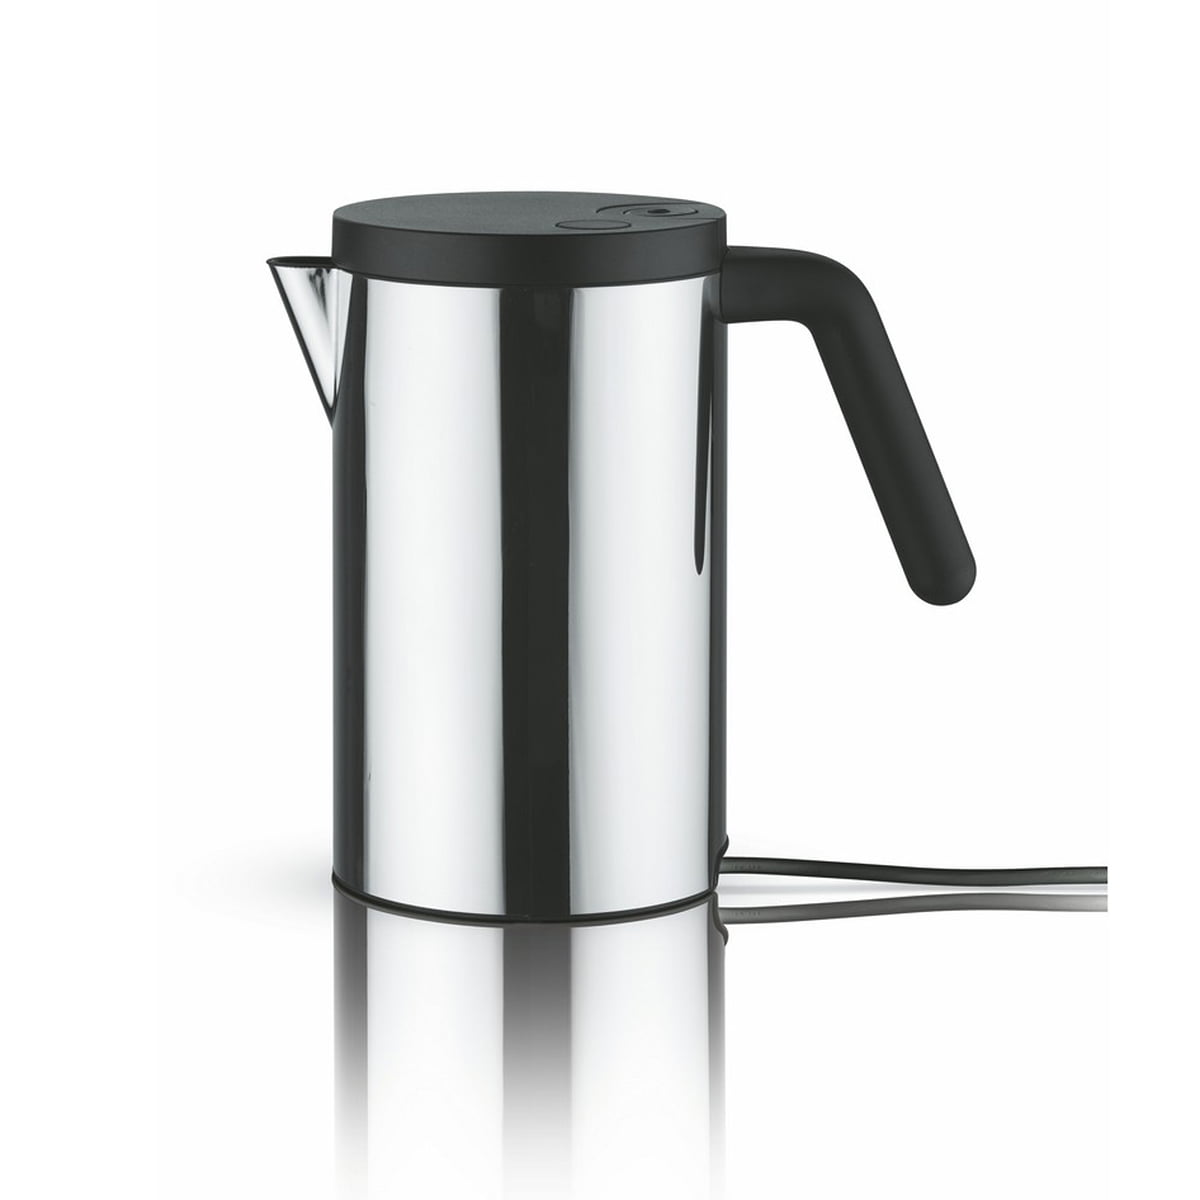 Alessi - Hot.it elektrischer Wasserkocher, 0.8 l, schwarz | Küche und Esszimmer > Küchengeräte > Wasserkocher | Schwarz | Edelstahl 18/10 -  griff und deckel aus thermoplastischem harz | Alessi